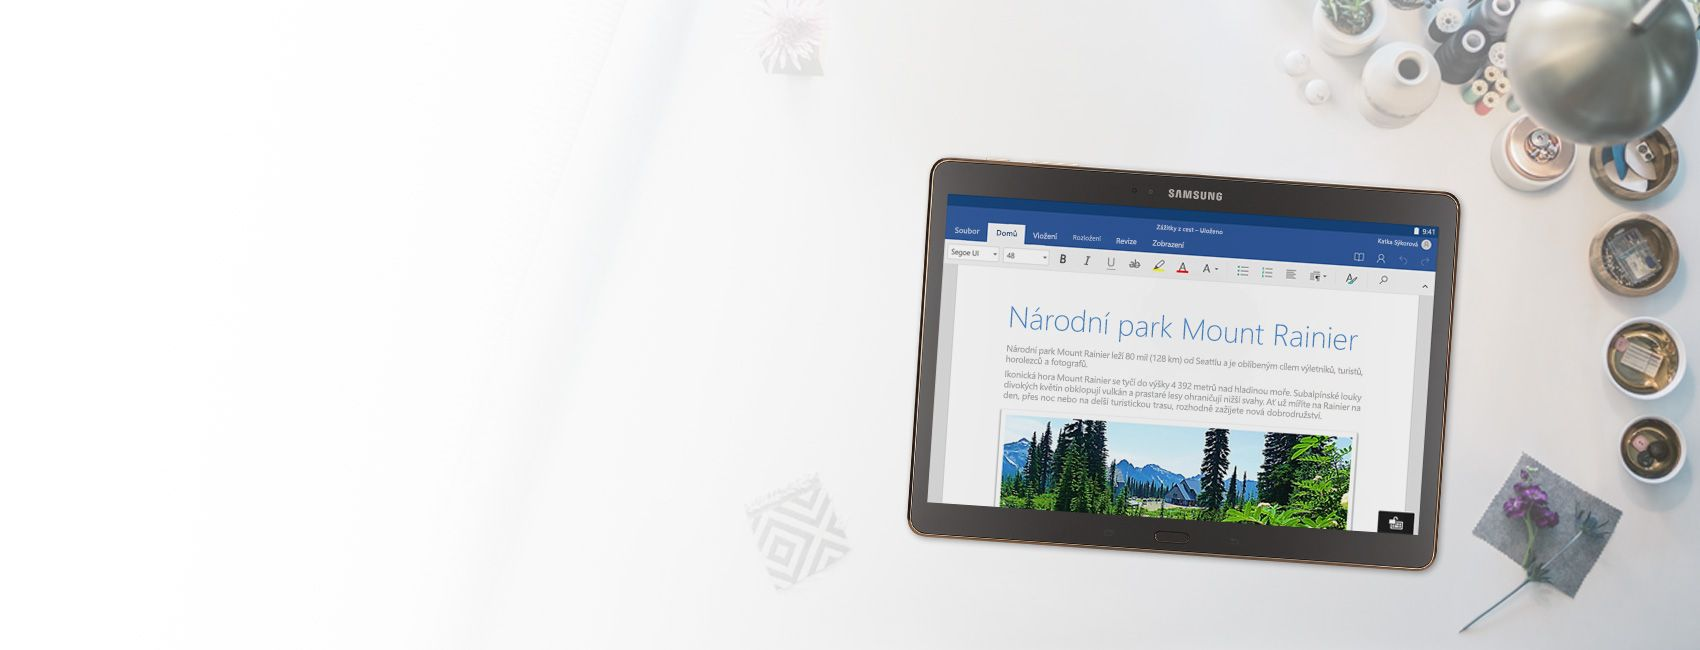 Tablet zobrazující wordový dokument o národním parku Mount Rainier